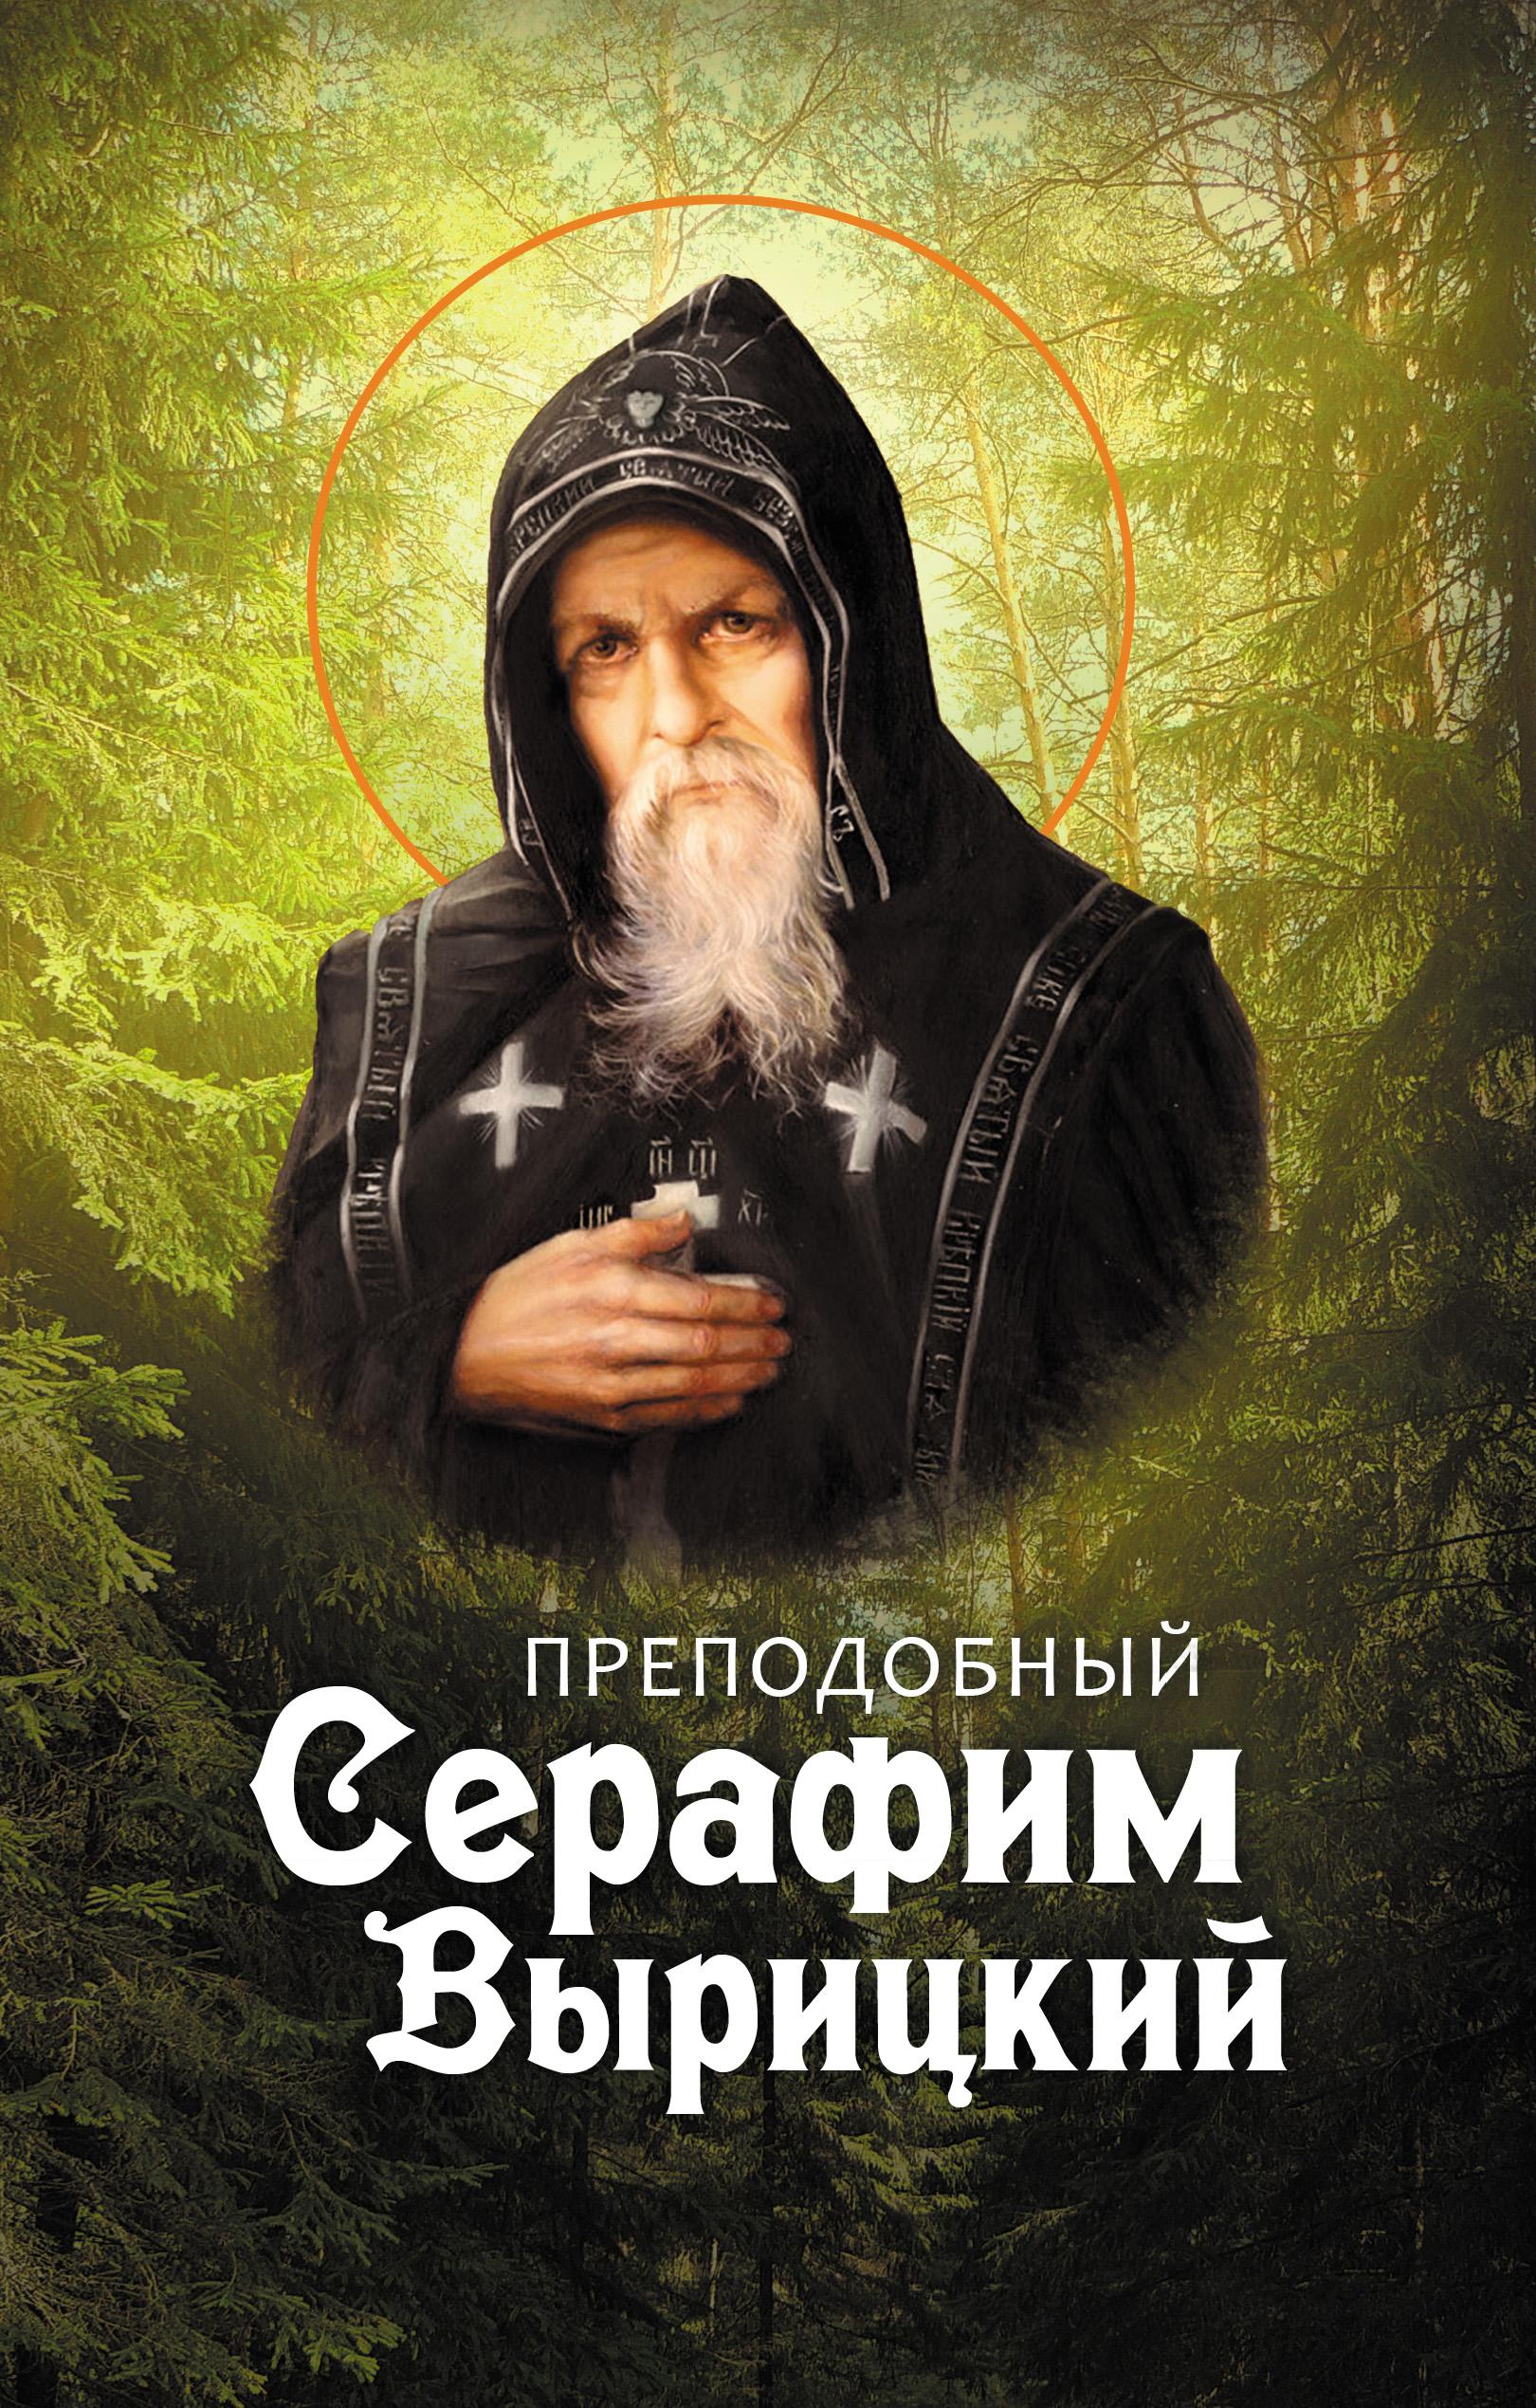 Отсутствует Преподобный Серафим Вырицкий отсутствует воспоминания о вгике